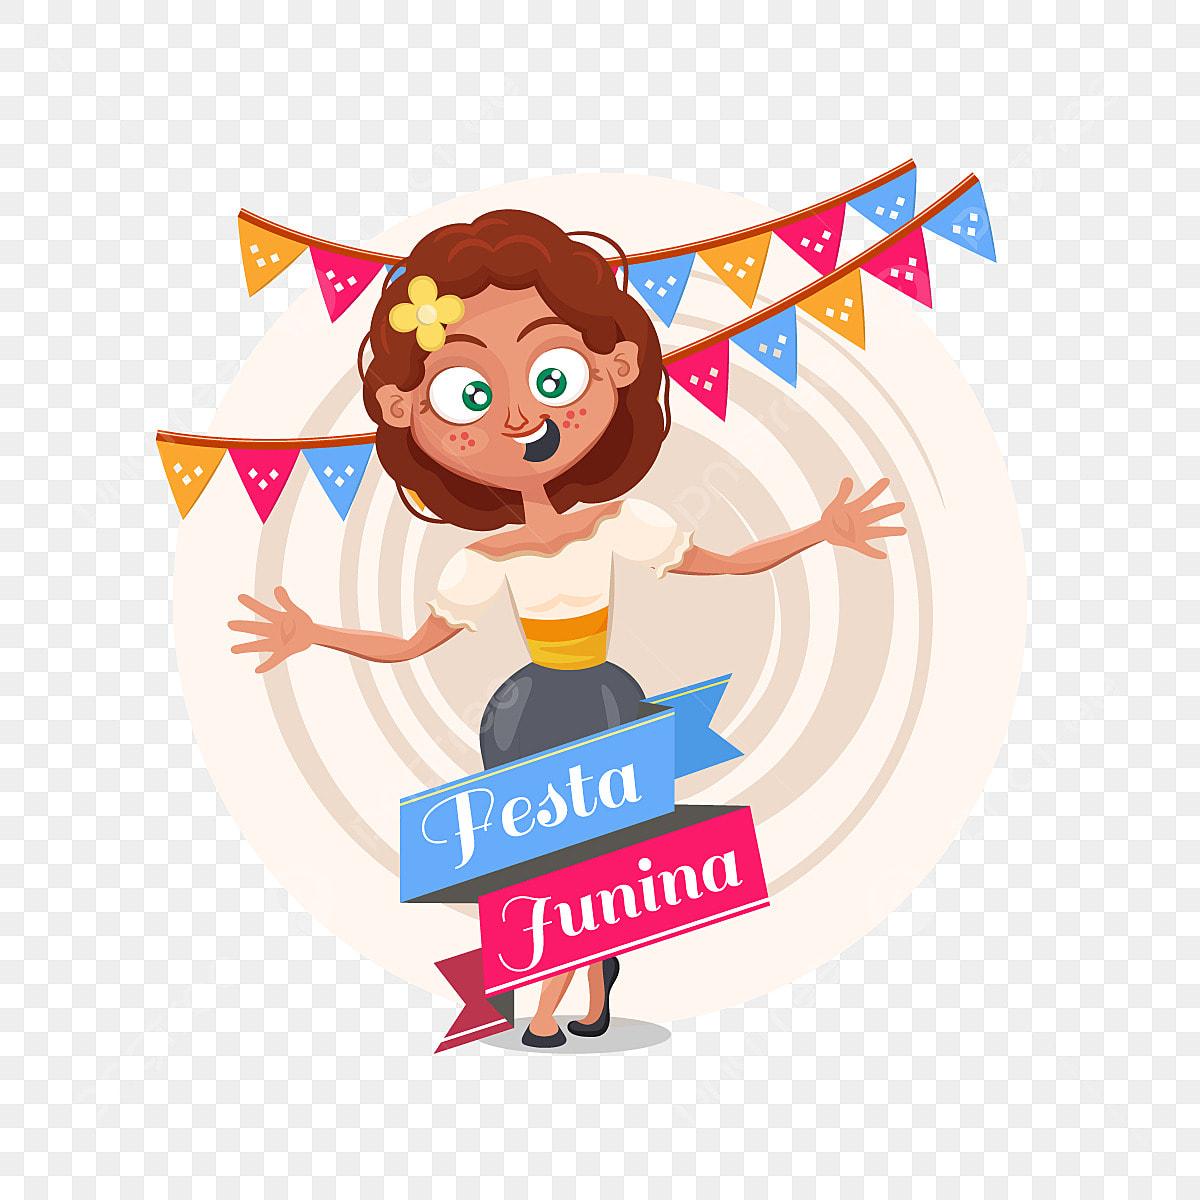 Festa Junina Contexte Avec Une Fille Clipart Fille Junina Festa Png Et Vecteur Pour Telechargement Gratuit